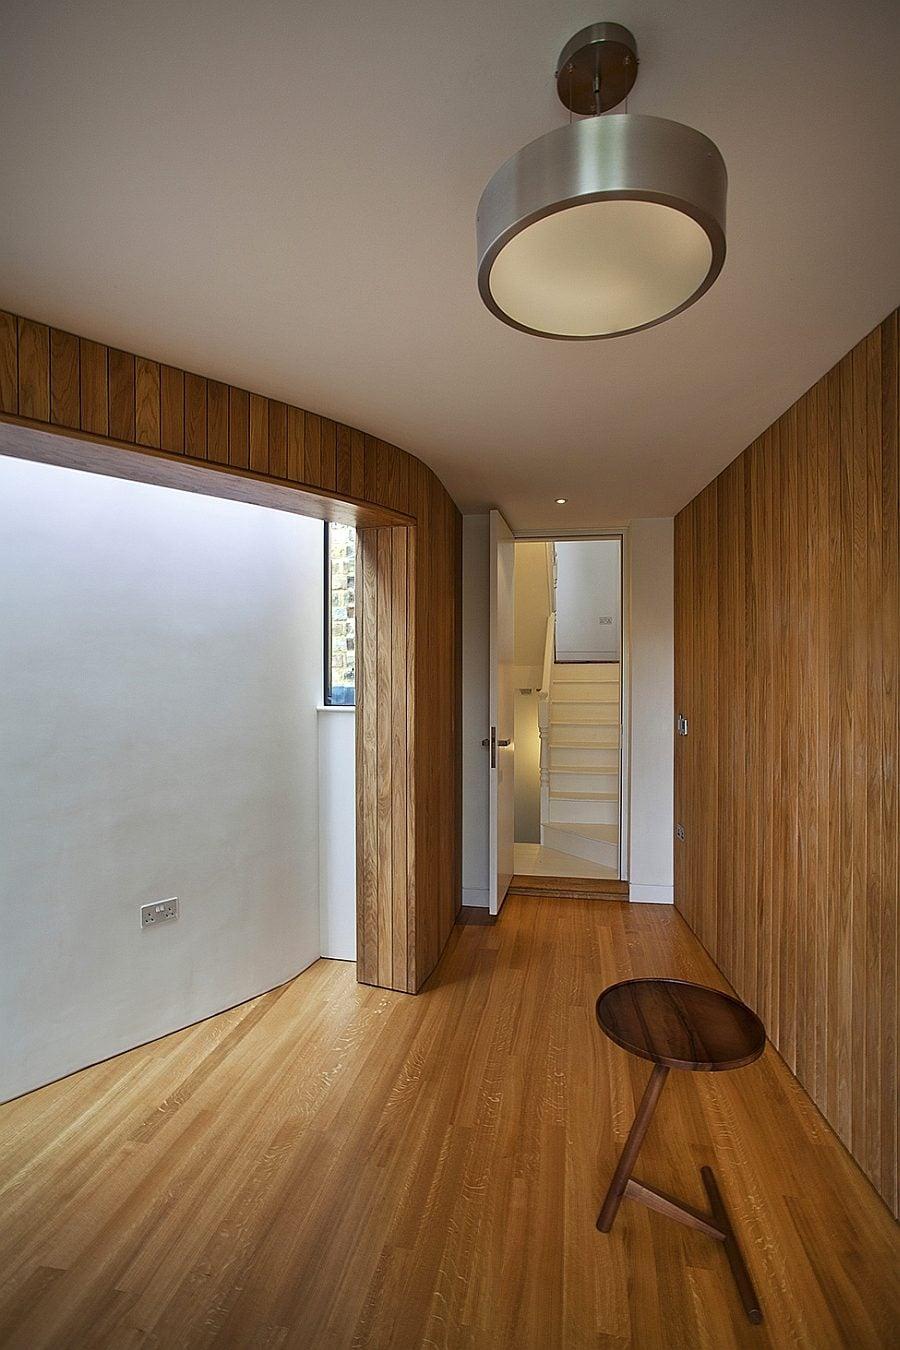 44 Kiến trúc xoắn ốc độc đáo của ngôi nhà đoạt giải thưởng tại London qpdesign